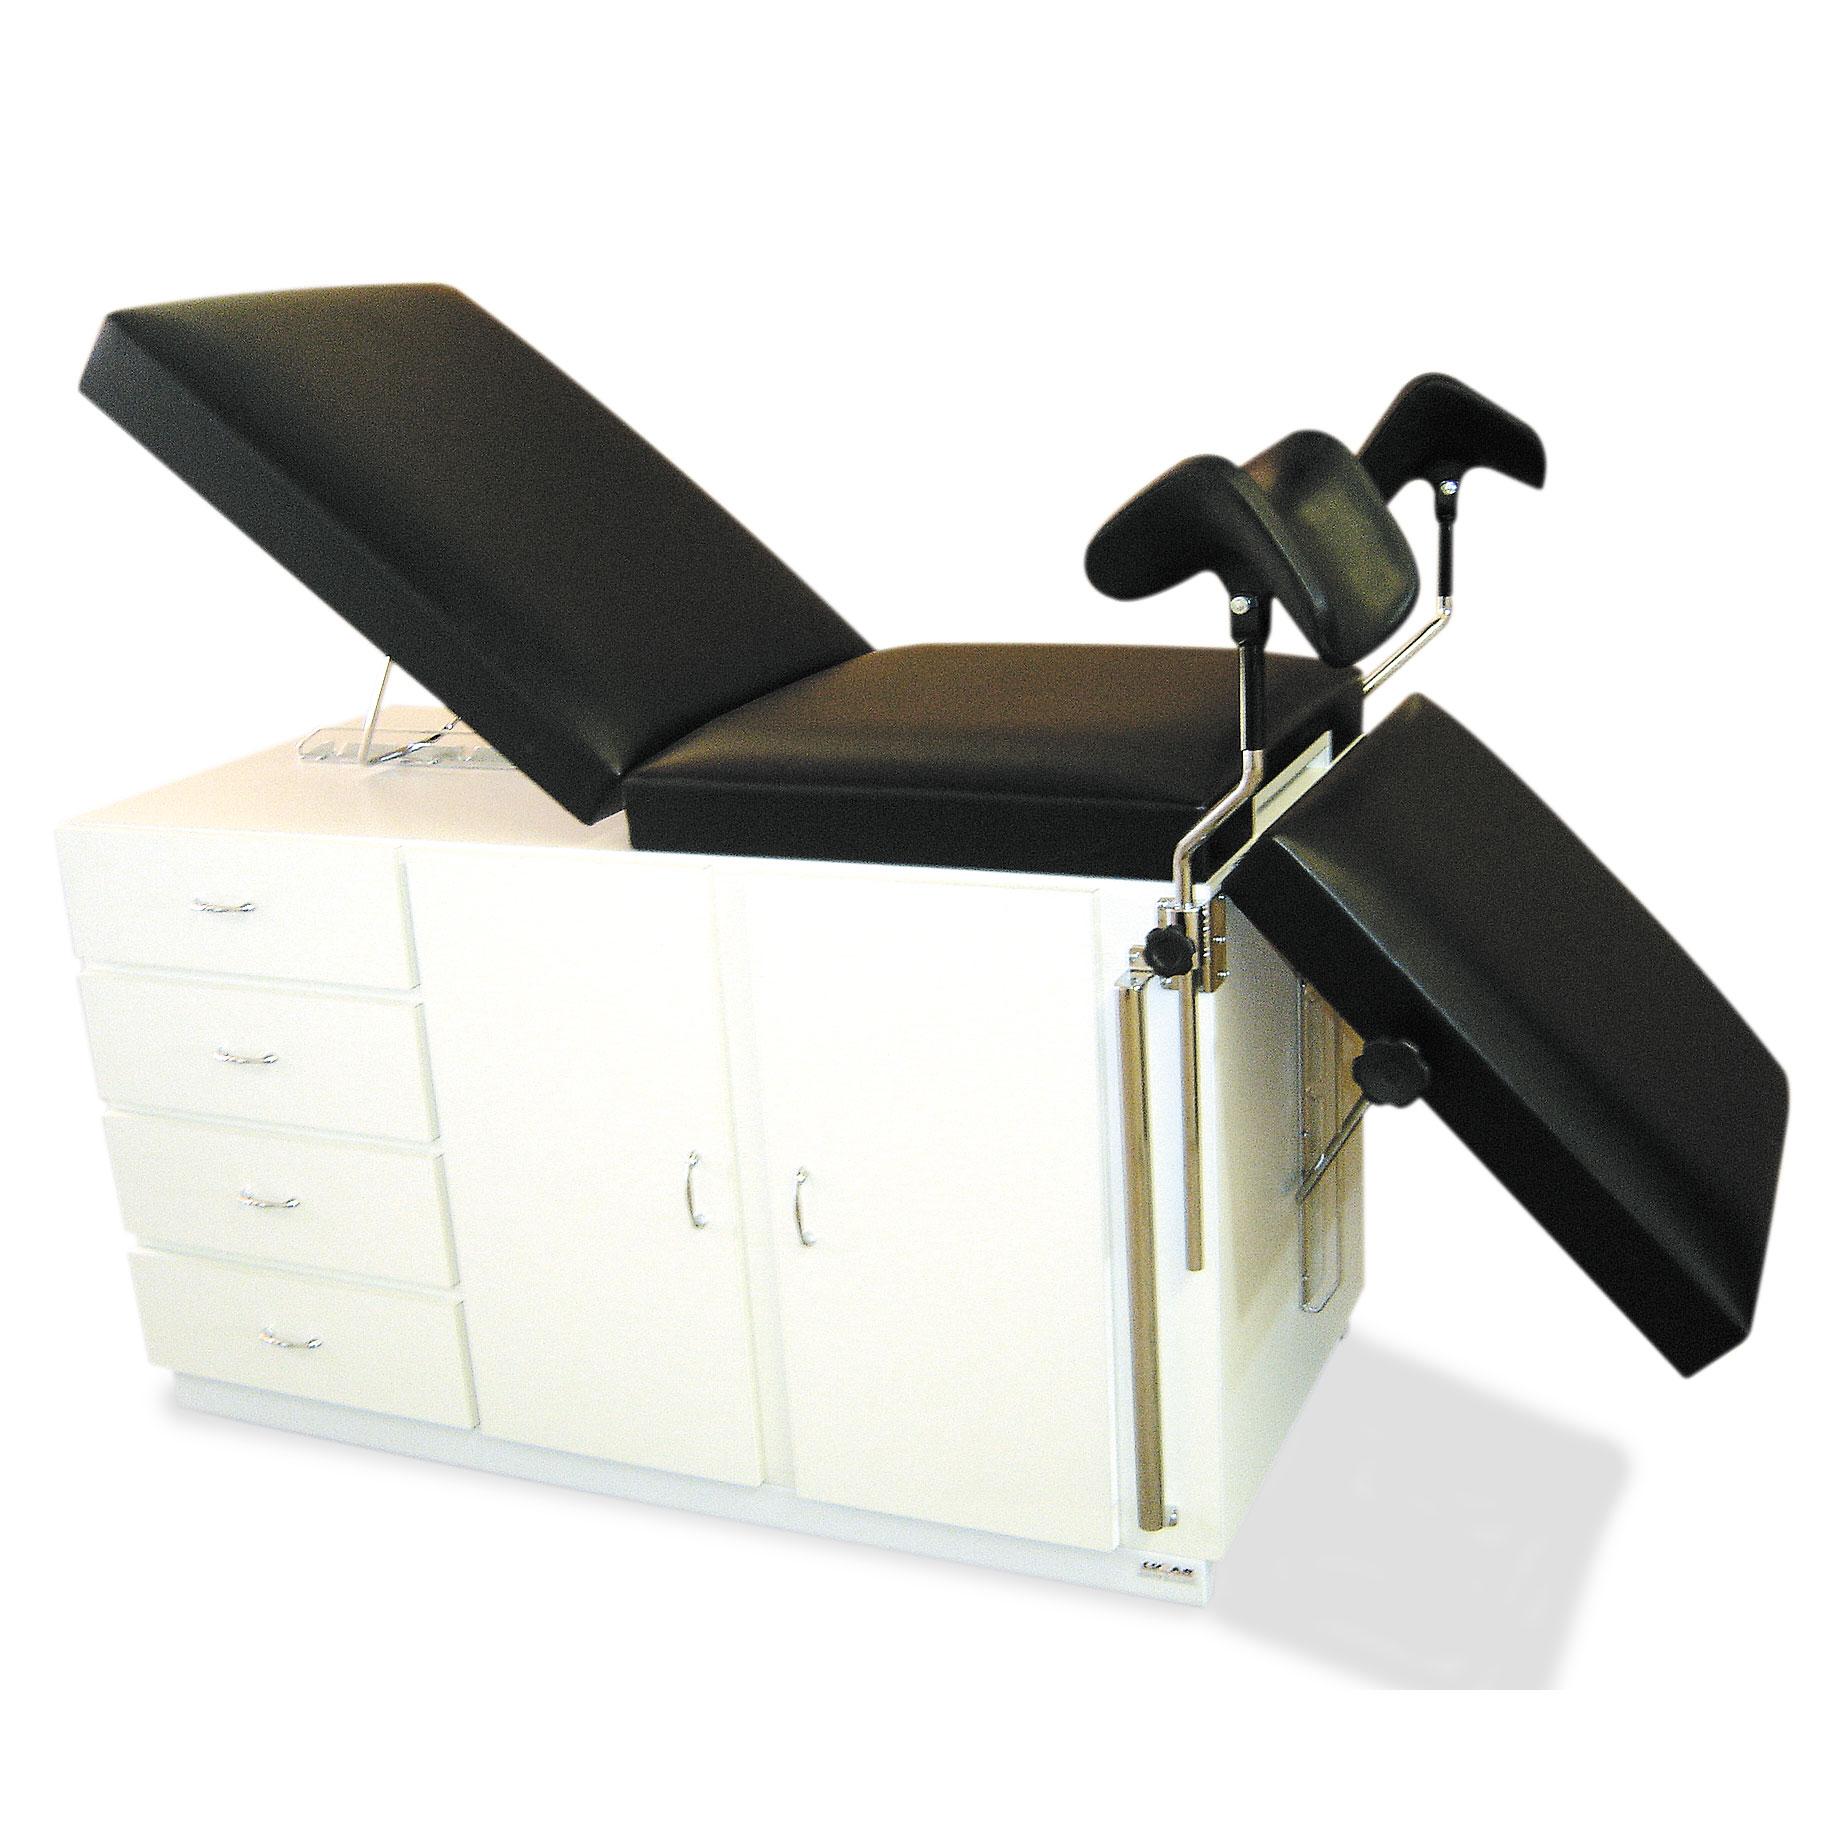 Mesa para exames ginecologico extra luxo